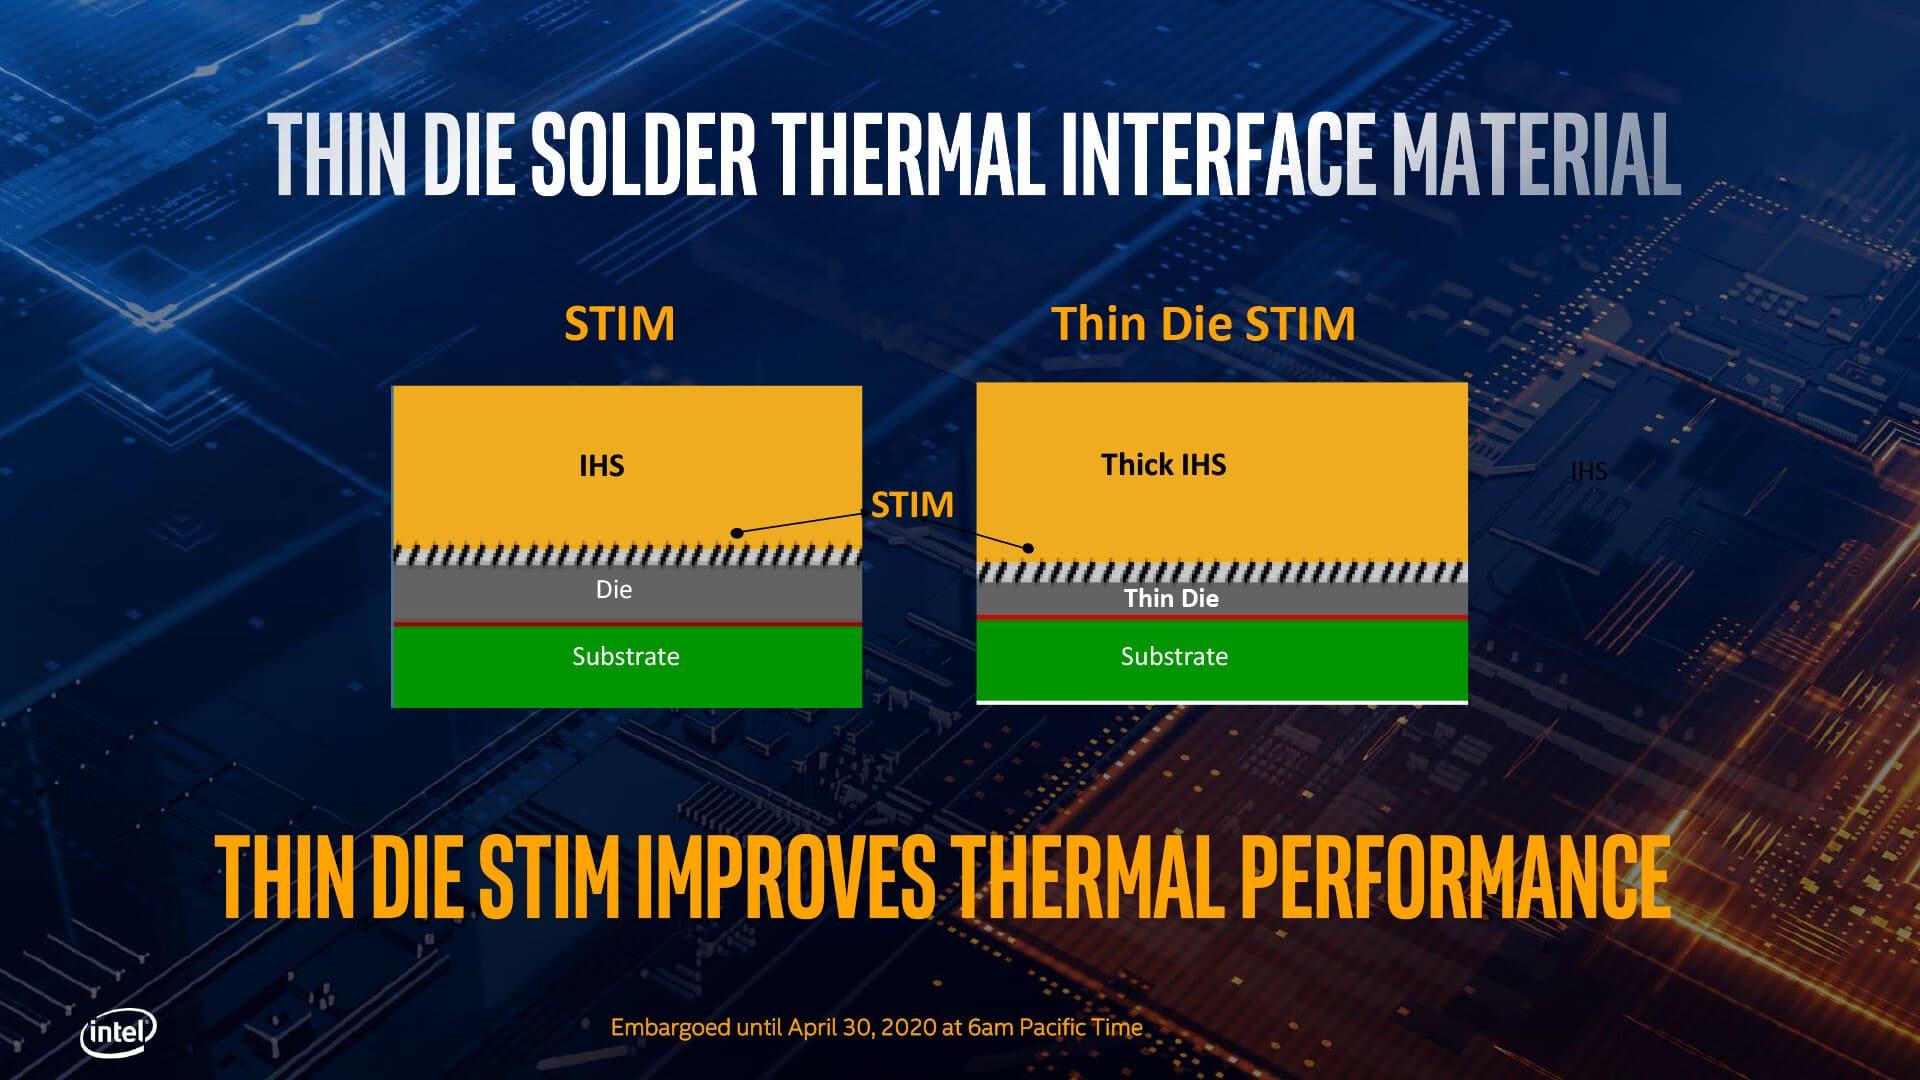 épaisseur die et IHS CPU Intel Comet Lake-S